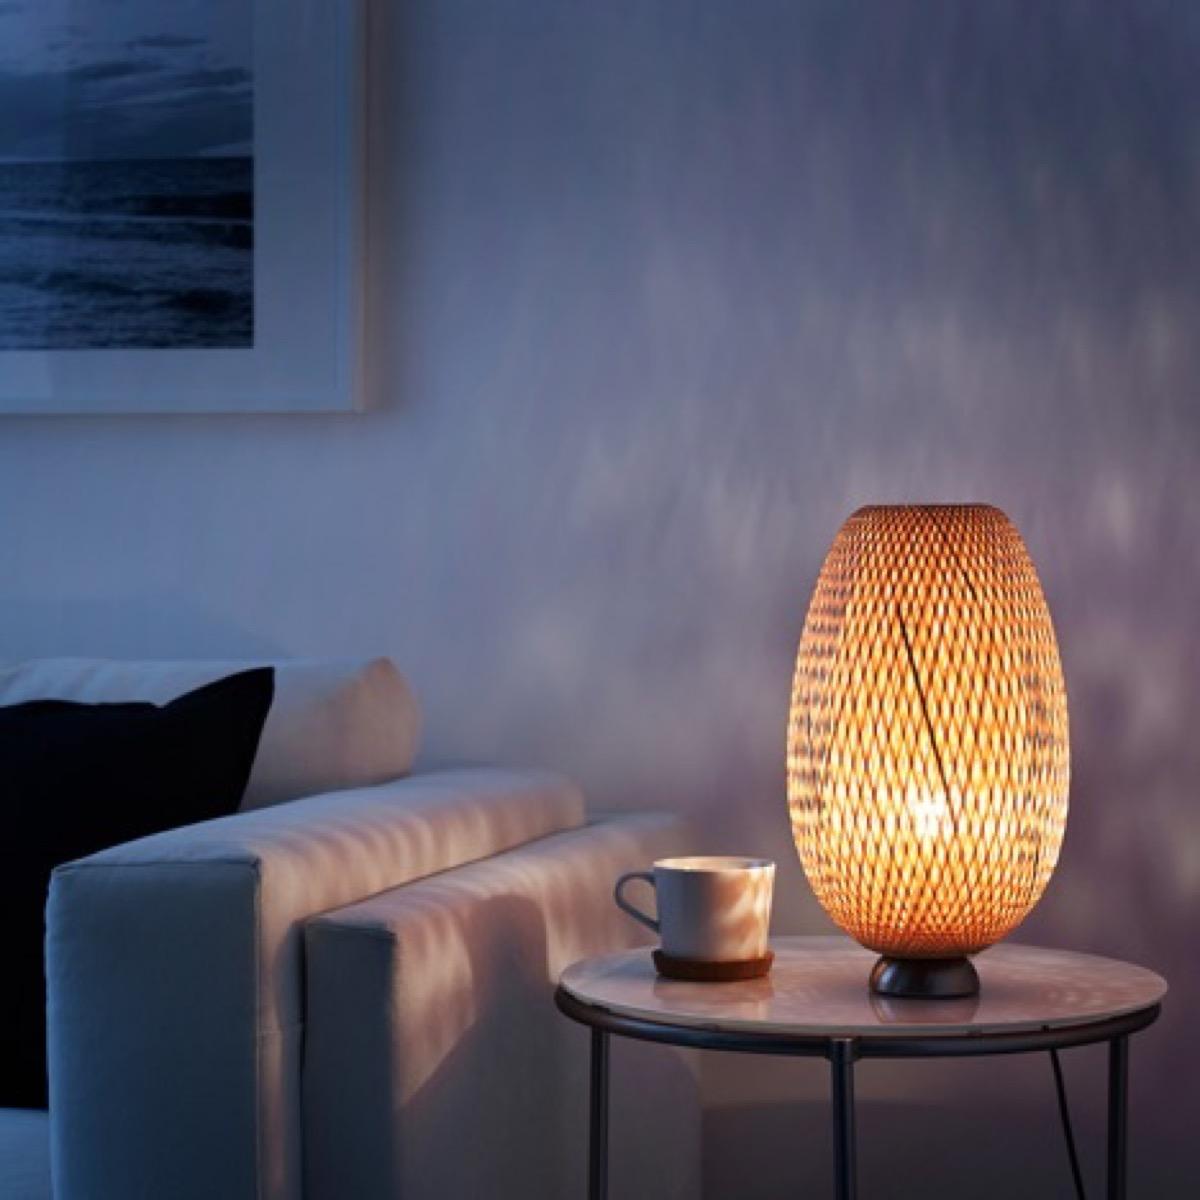 Boja woven bamboo lamp in room